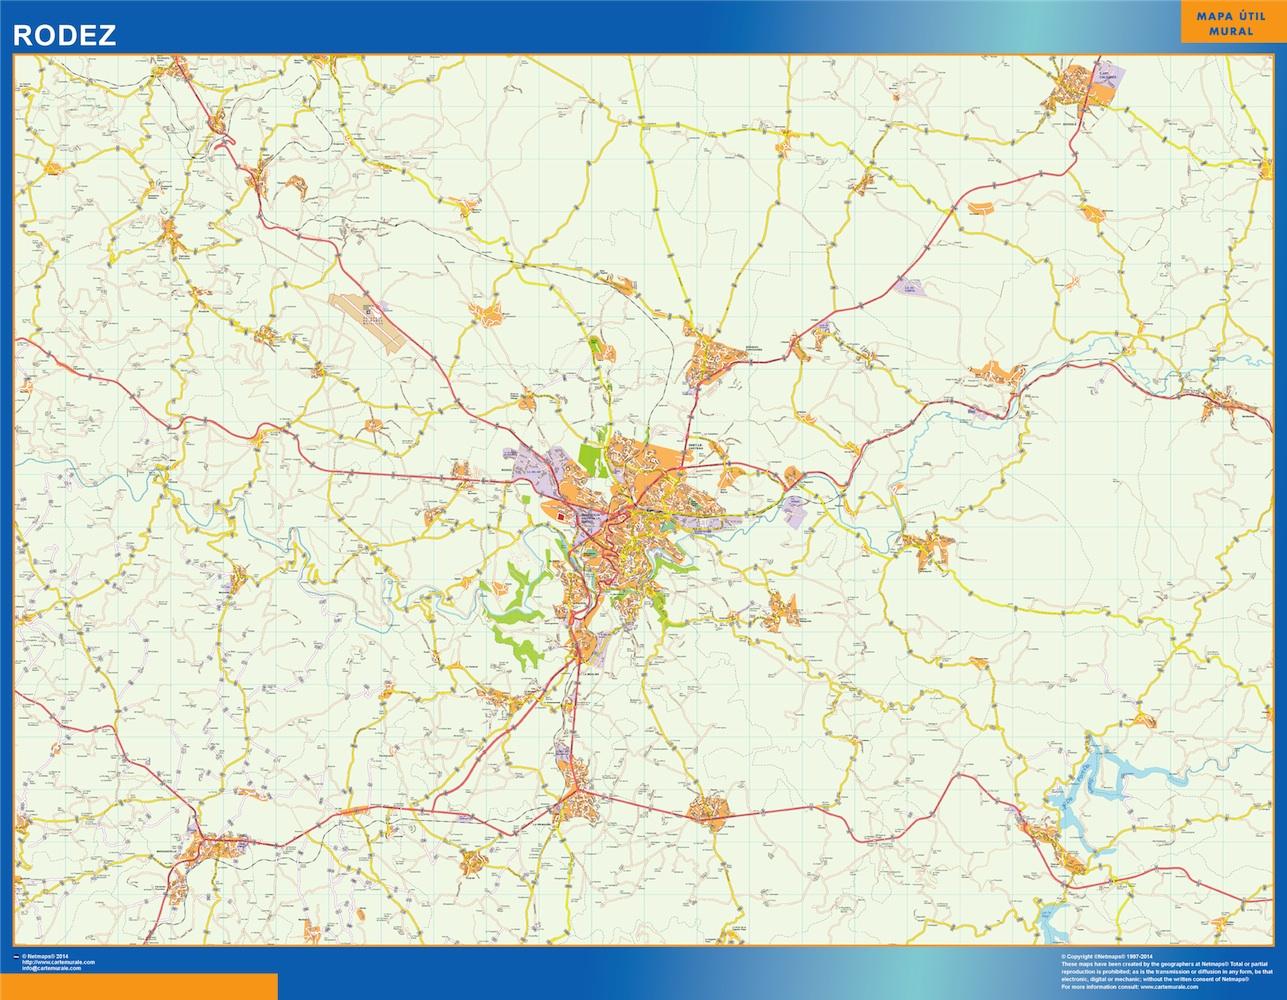 Mapa Rodez en Francia plastificado gigante